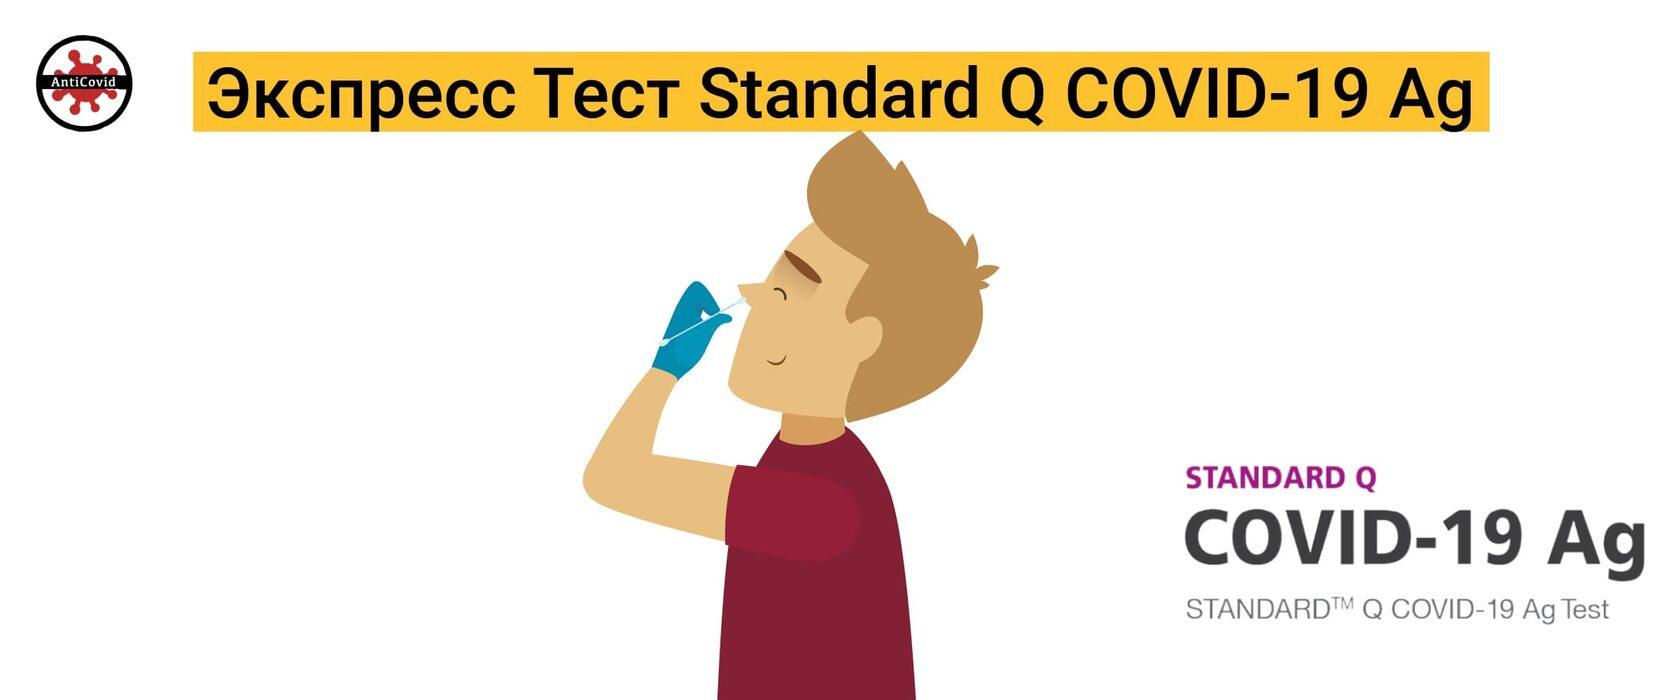 Экспресс Тест Standard Q COVID-19 Ag